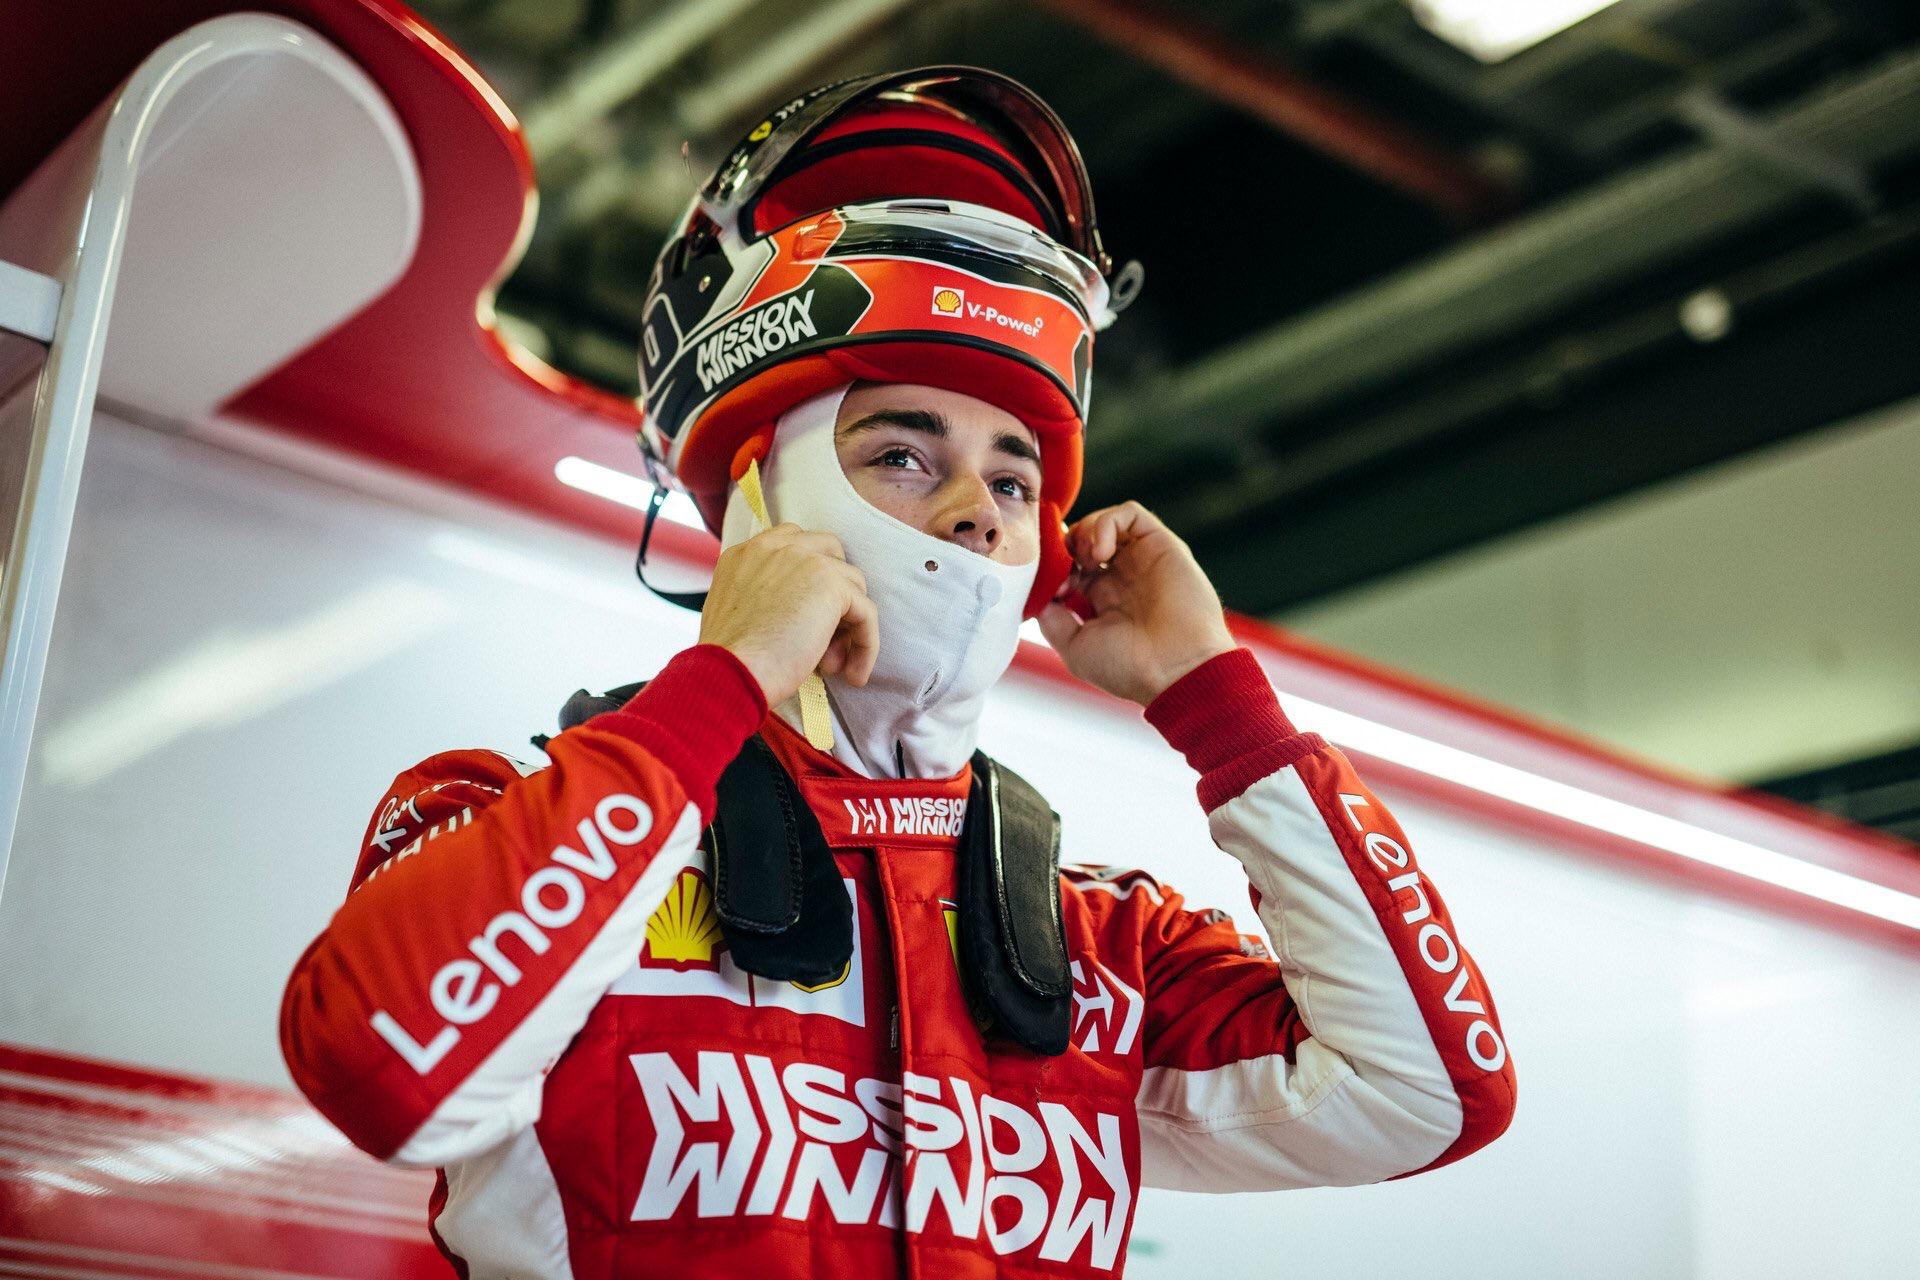 N. Todtas: Ch. Leclercas turi nepadaryti pagrindinės klaidos